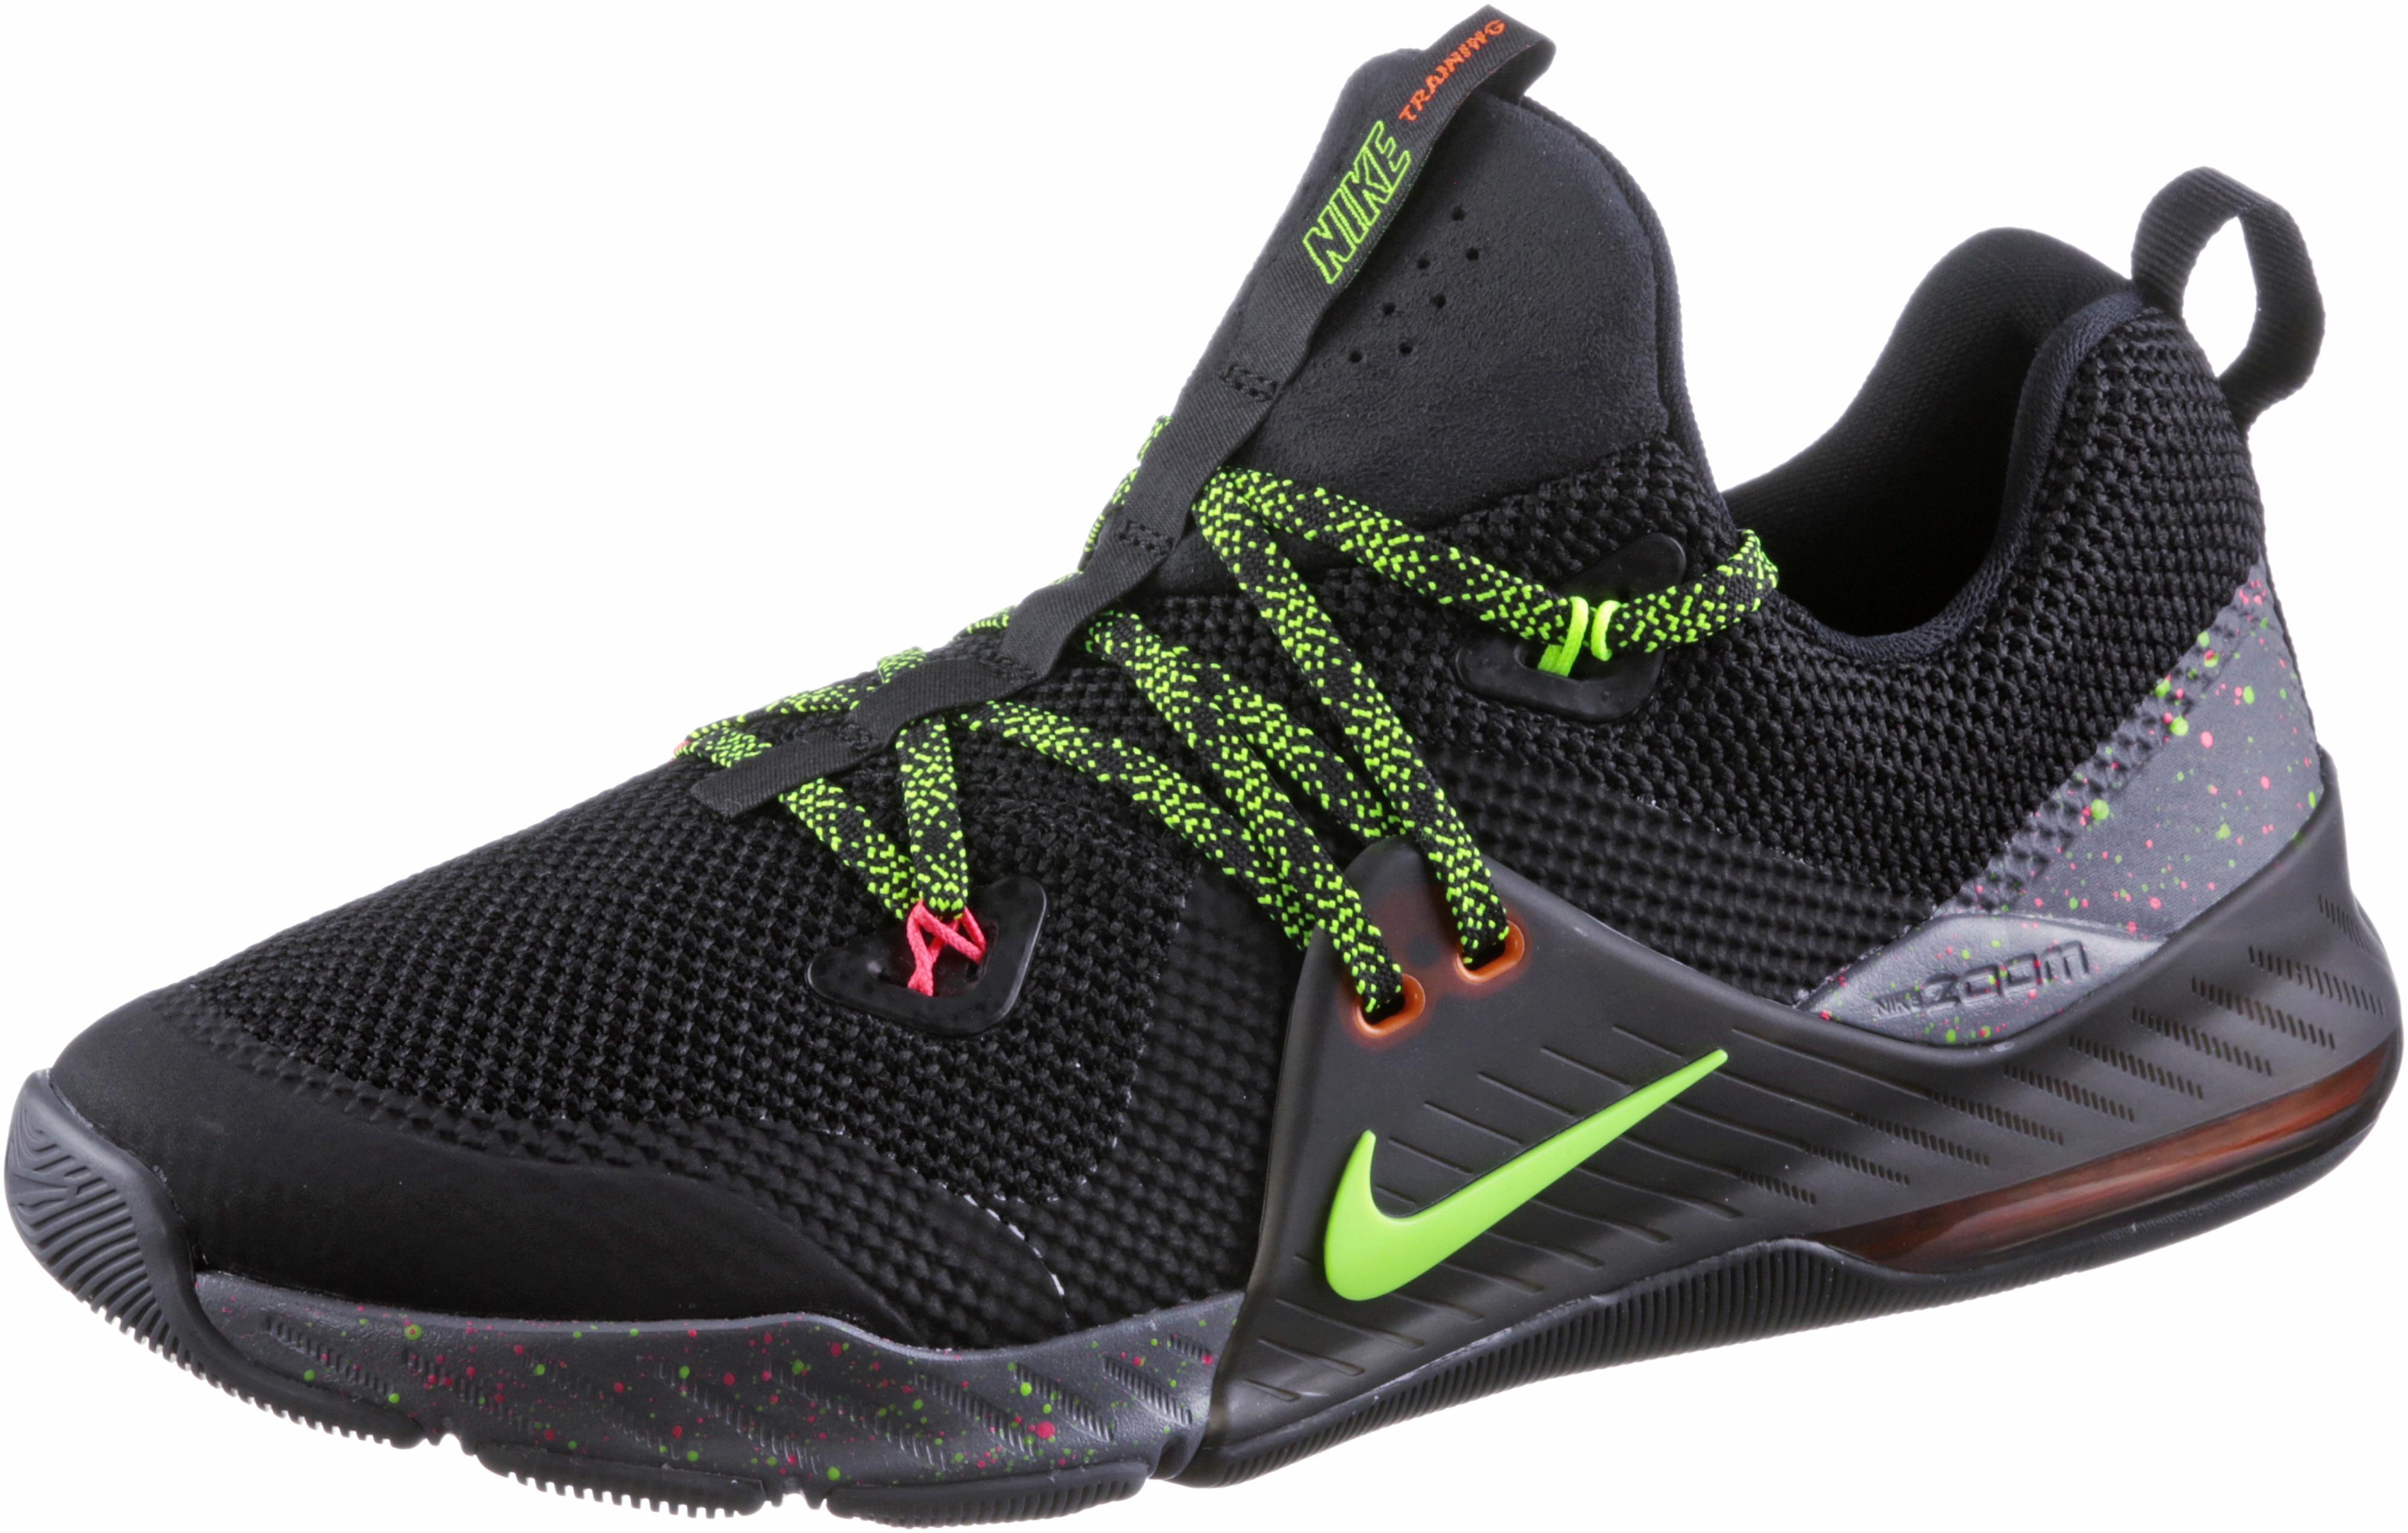 Nike Zoom Train Command Command Command Fitnessschuhe Herren black-black-volt-dark-grey im Online Shop von SportScheck kaufen Gute Qualität beliebte Schuhe d0af5d